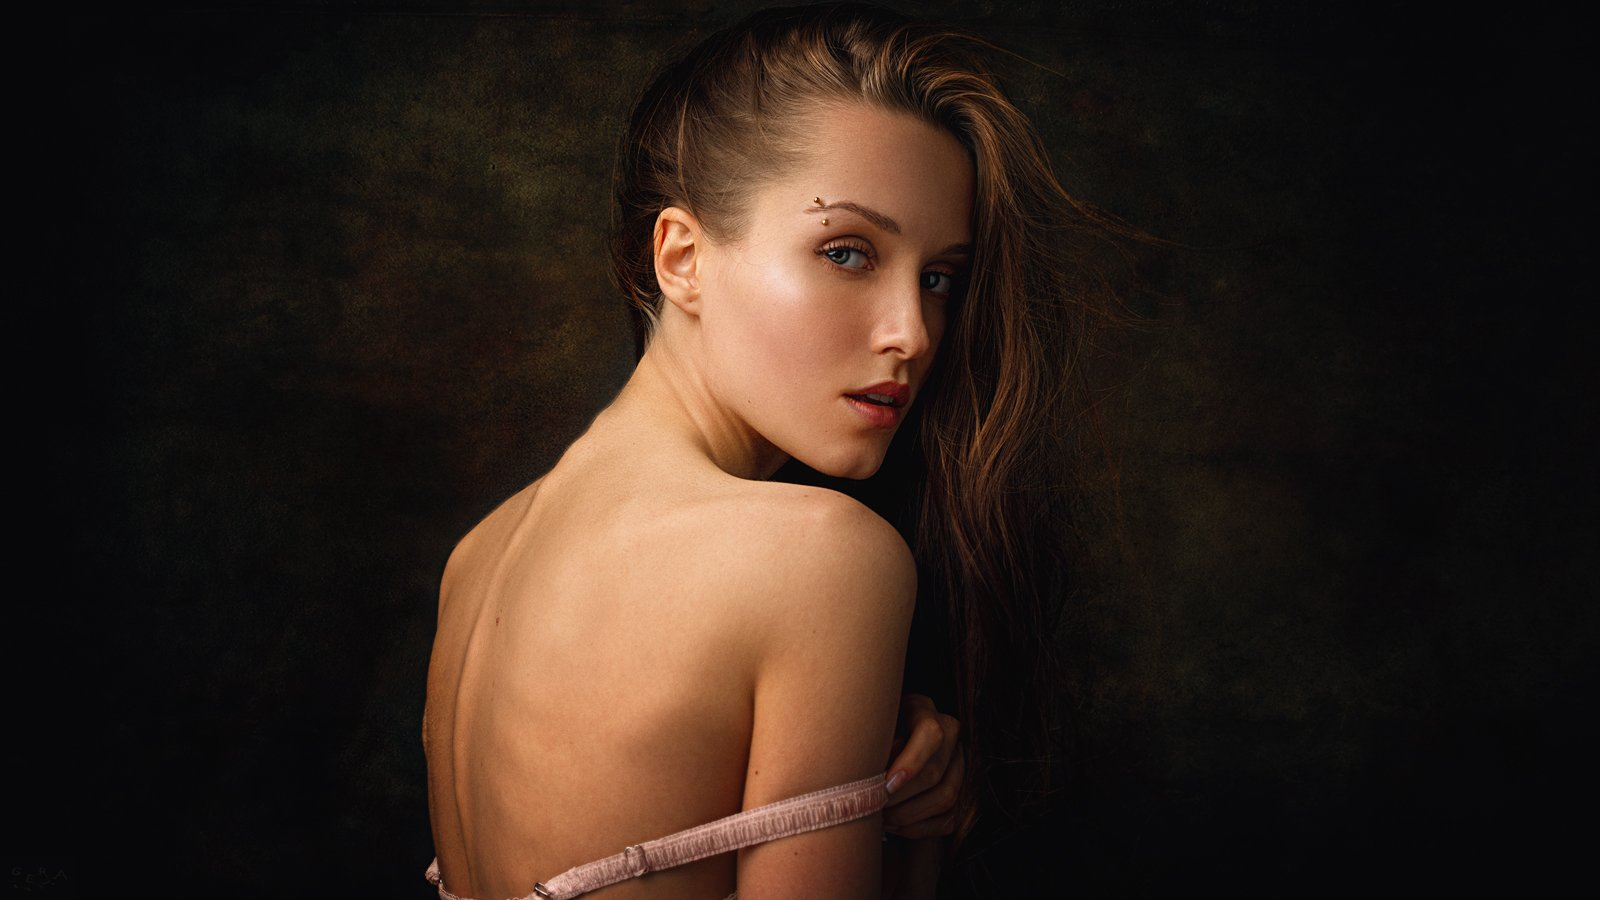 портрет, модель, portrait, model, headshot, Георгий Чернядьев